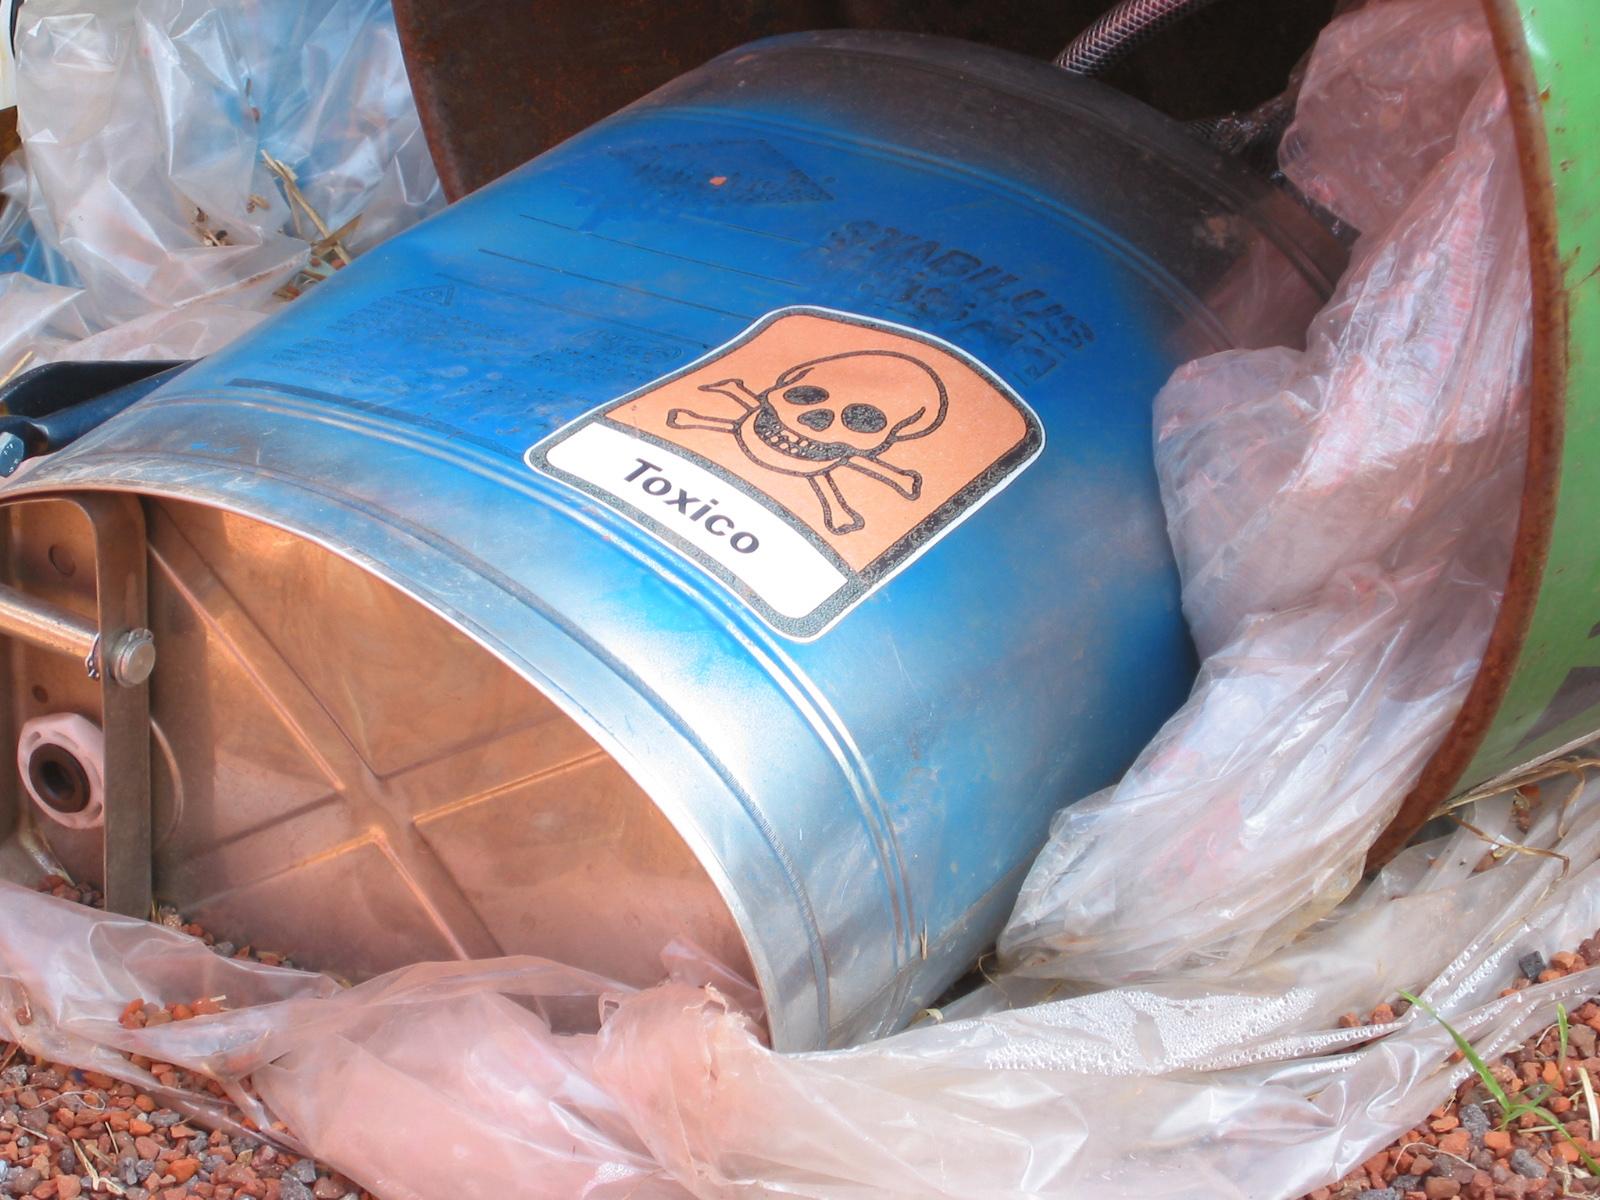 Deșeurile periculoase din resturile menajere sunt bombele toxice din depozitele pentru deșeuri